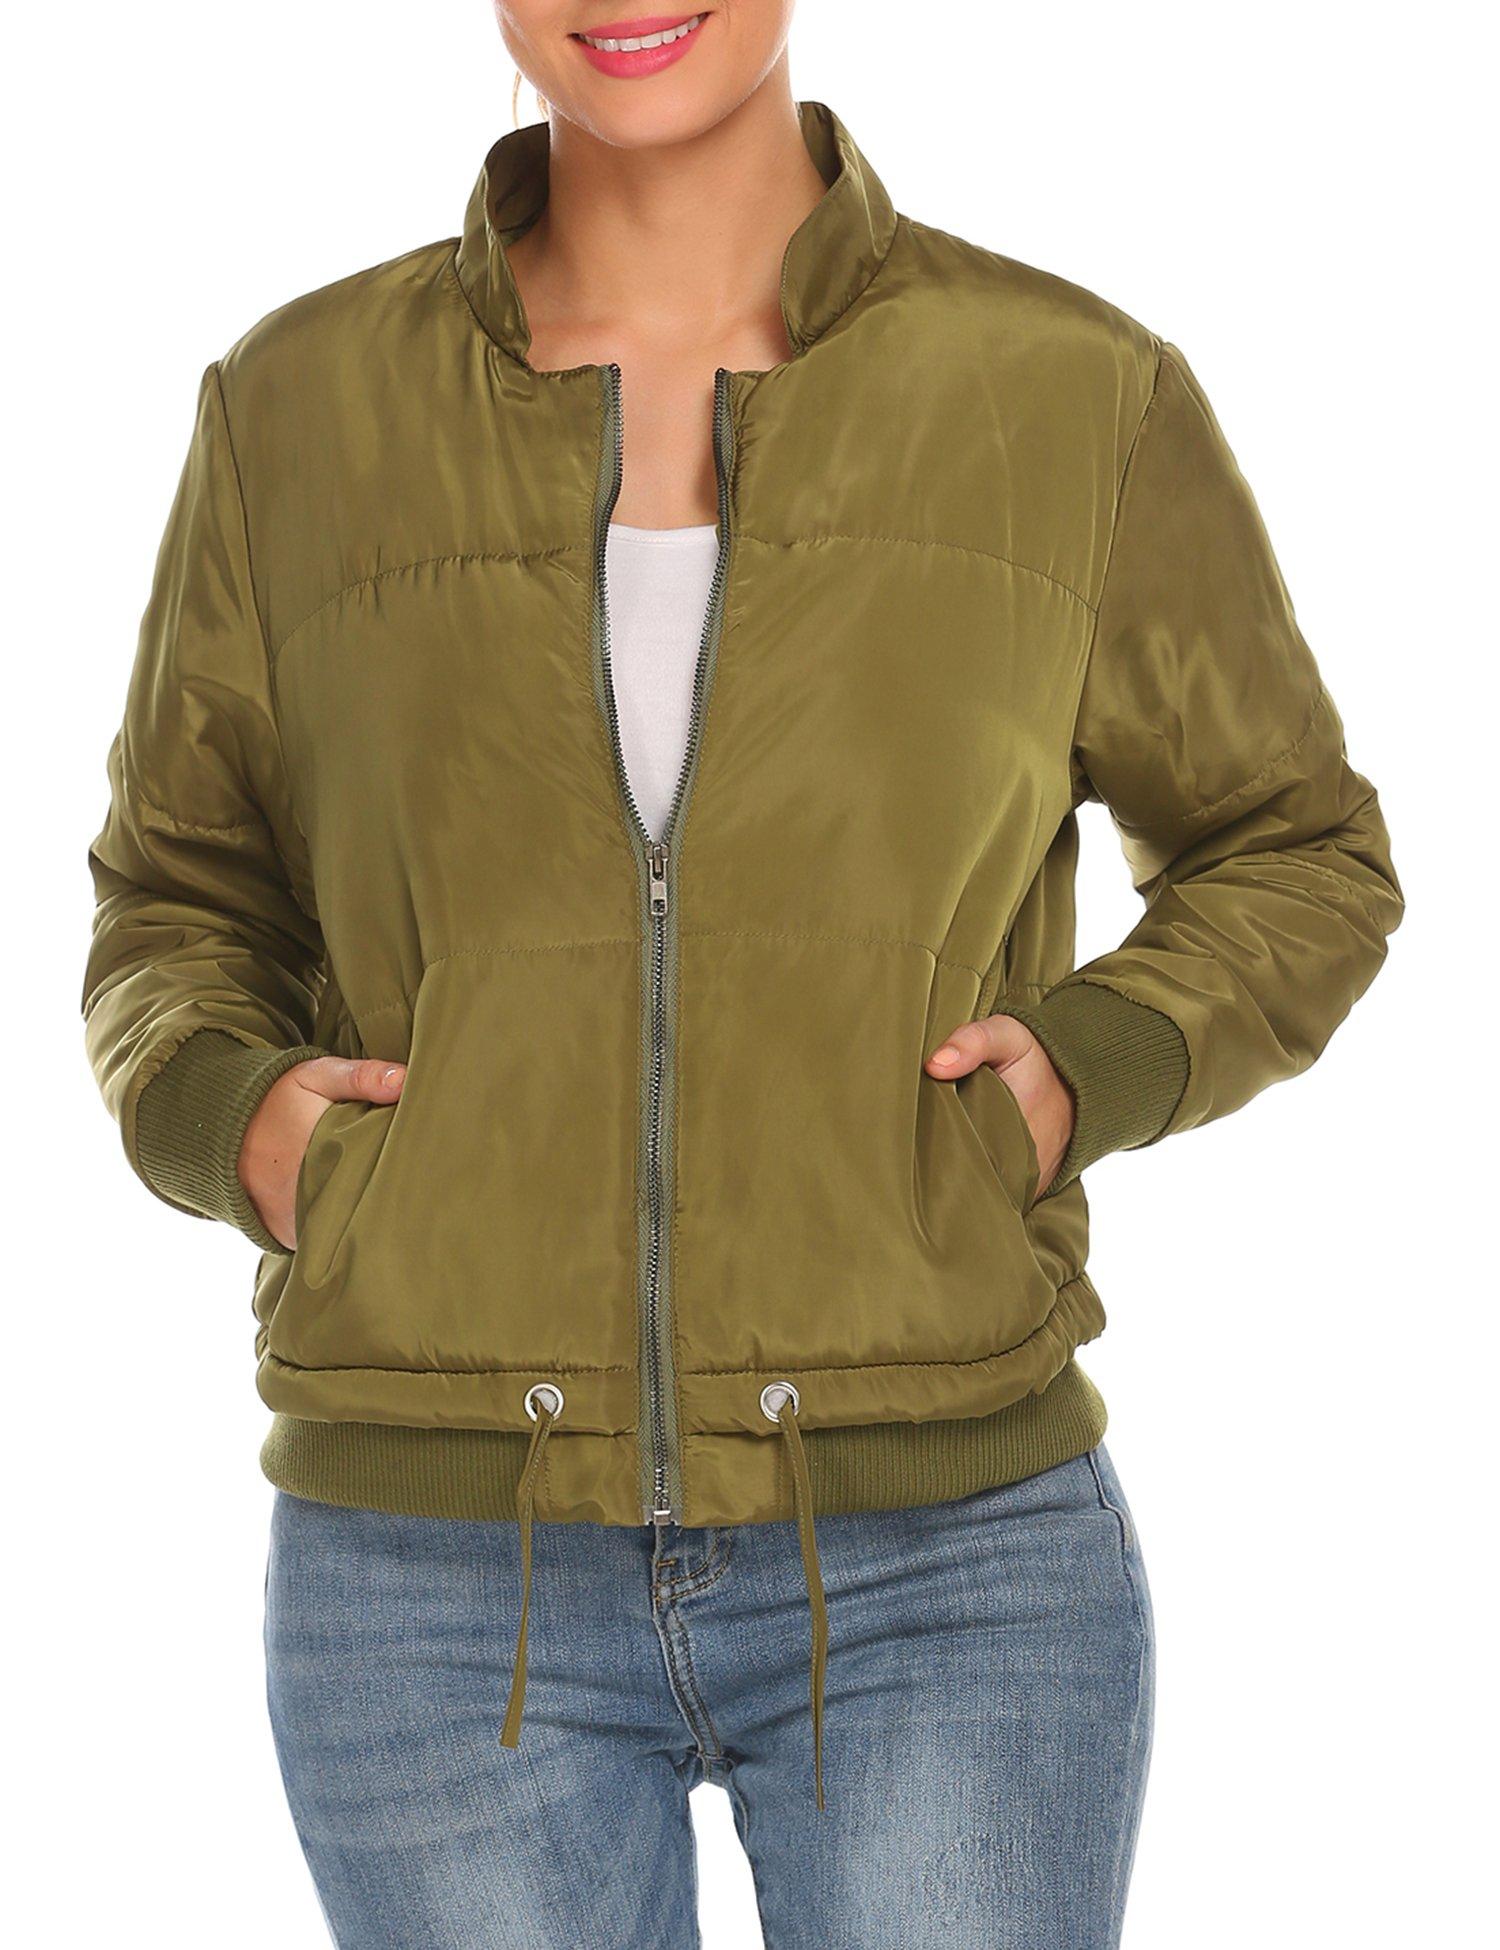 SE MIU Women's Lightweight Packable Down Jacket Outwear Puffer Down Coats